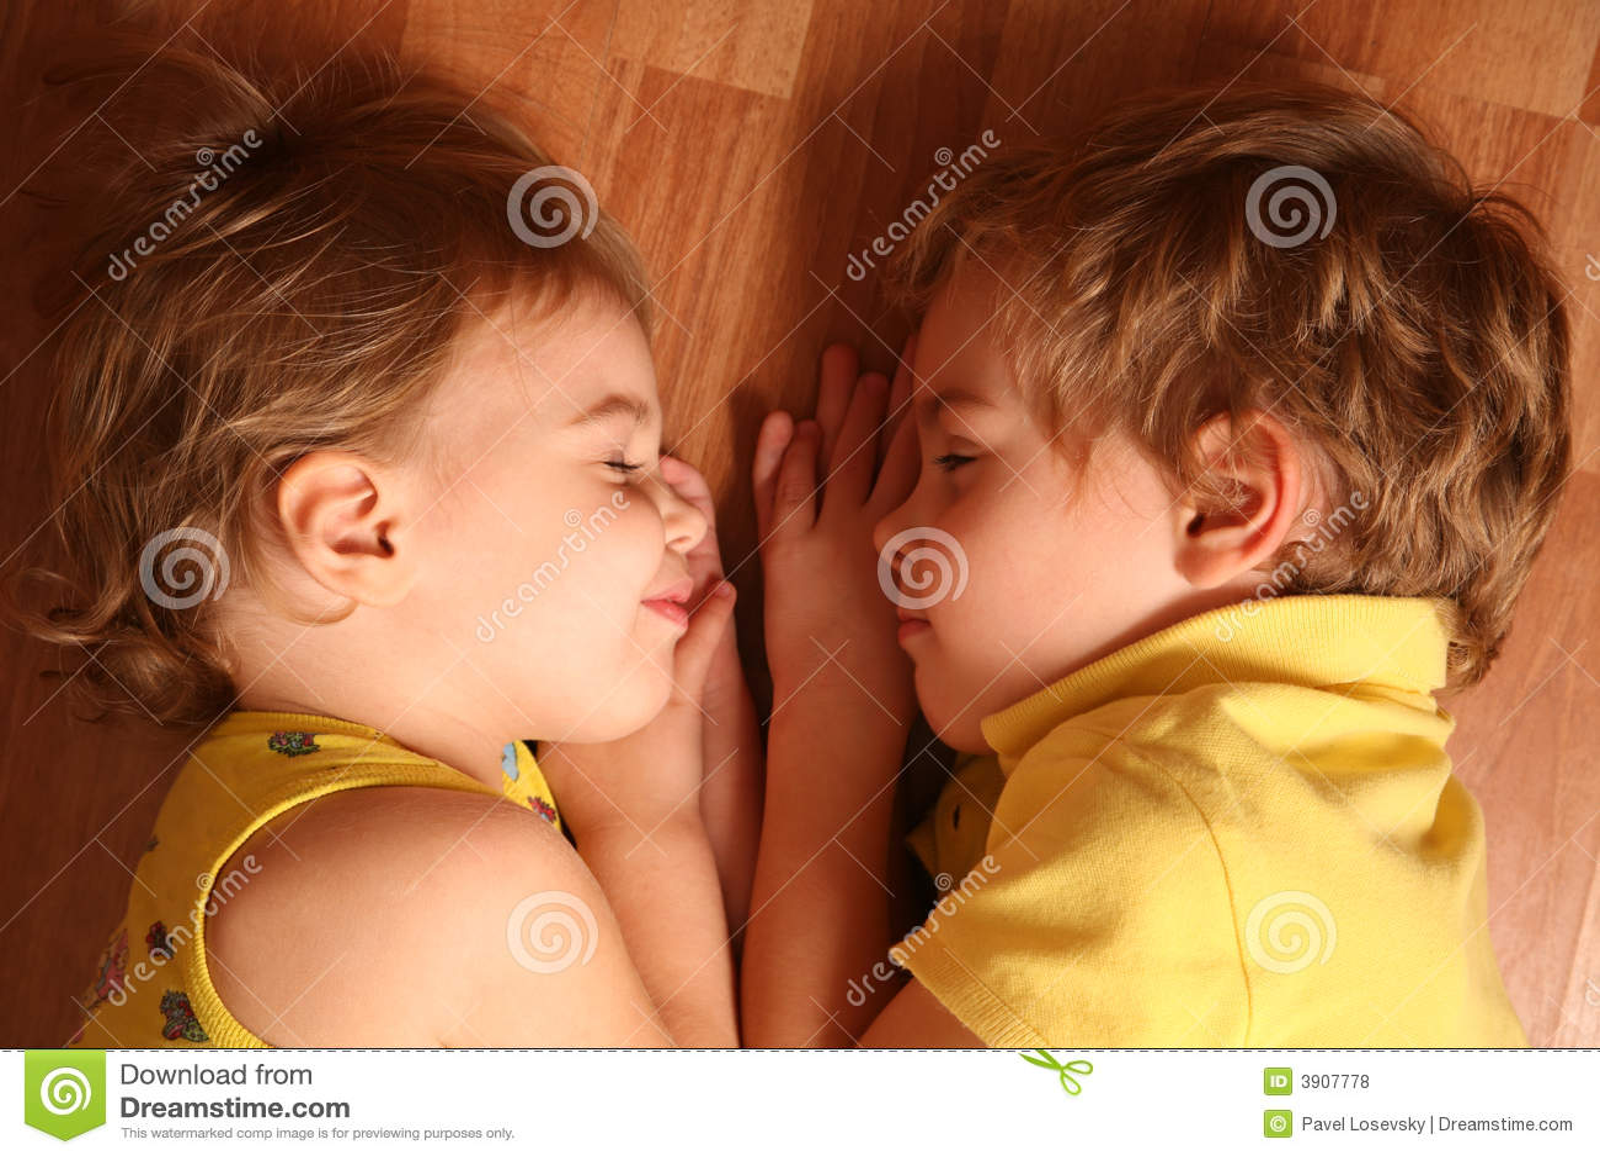 Пьяный брат трахнул пьяную сестру, Смотреть поимел спящую сестру дественицу онлайн 23 фотография